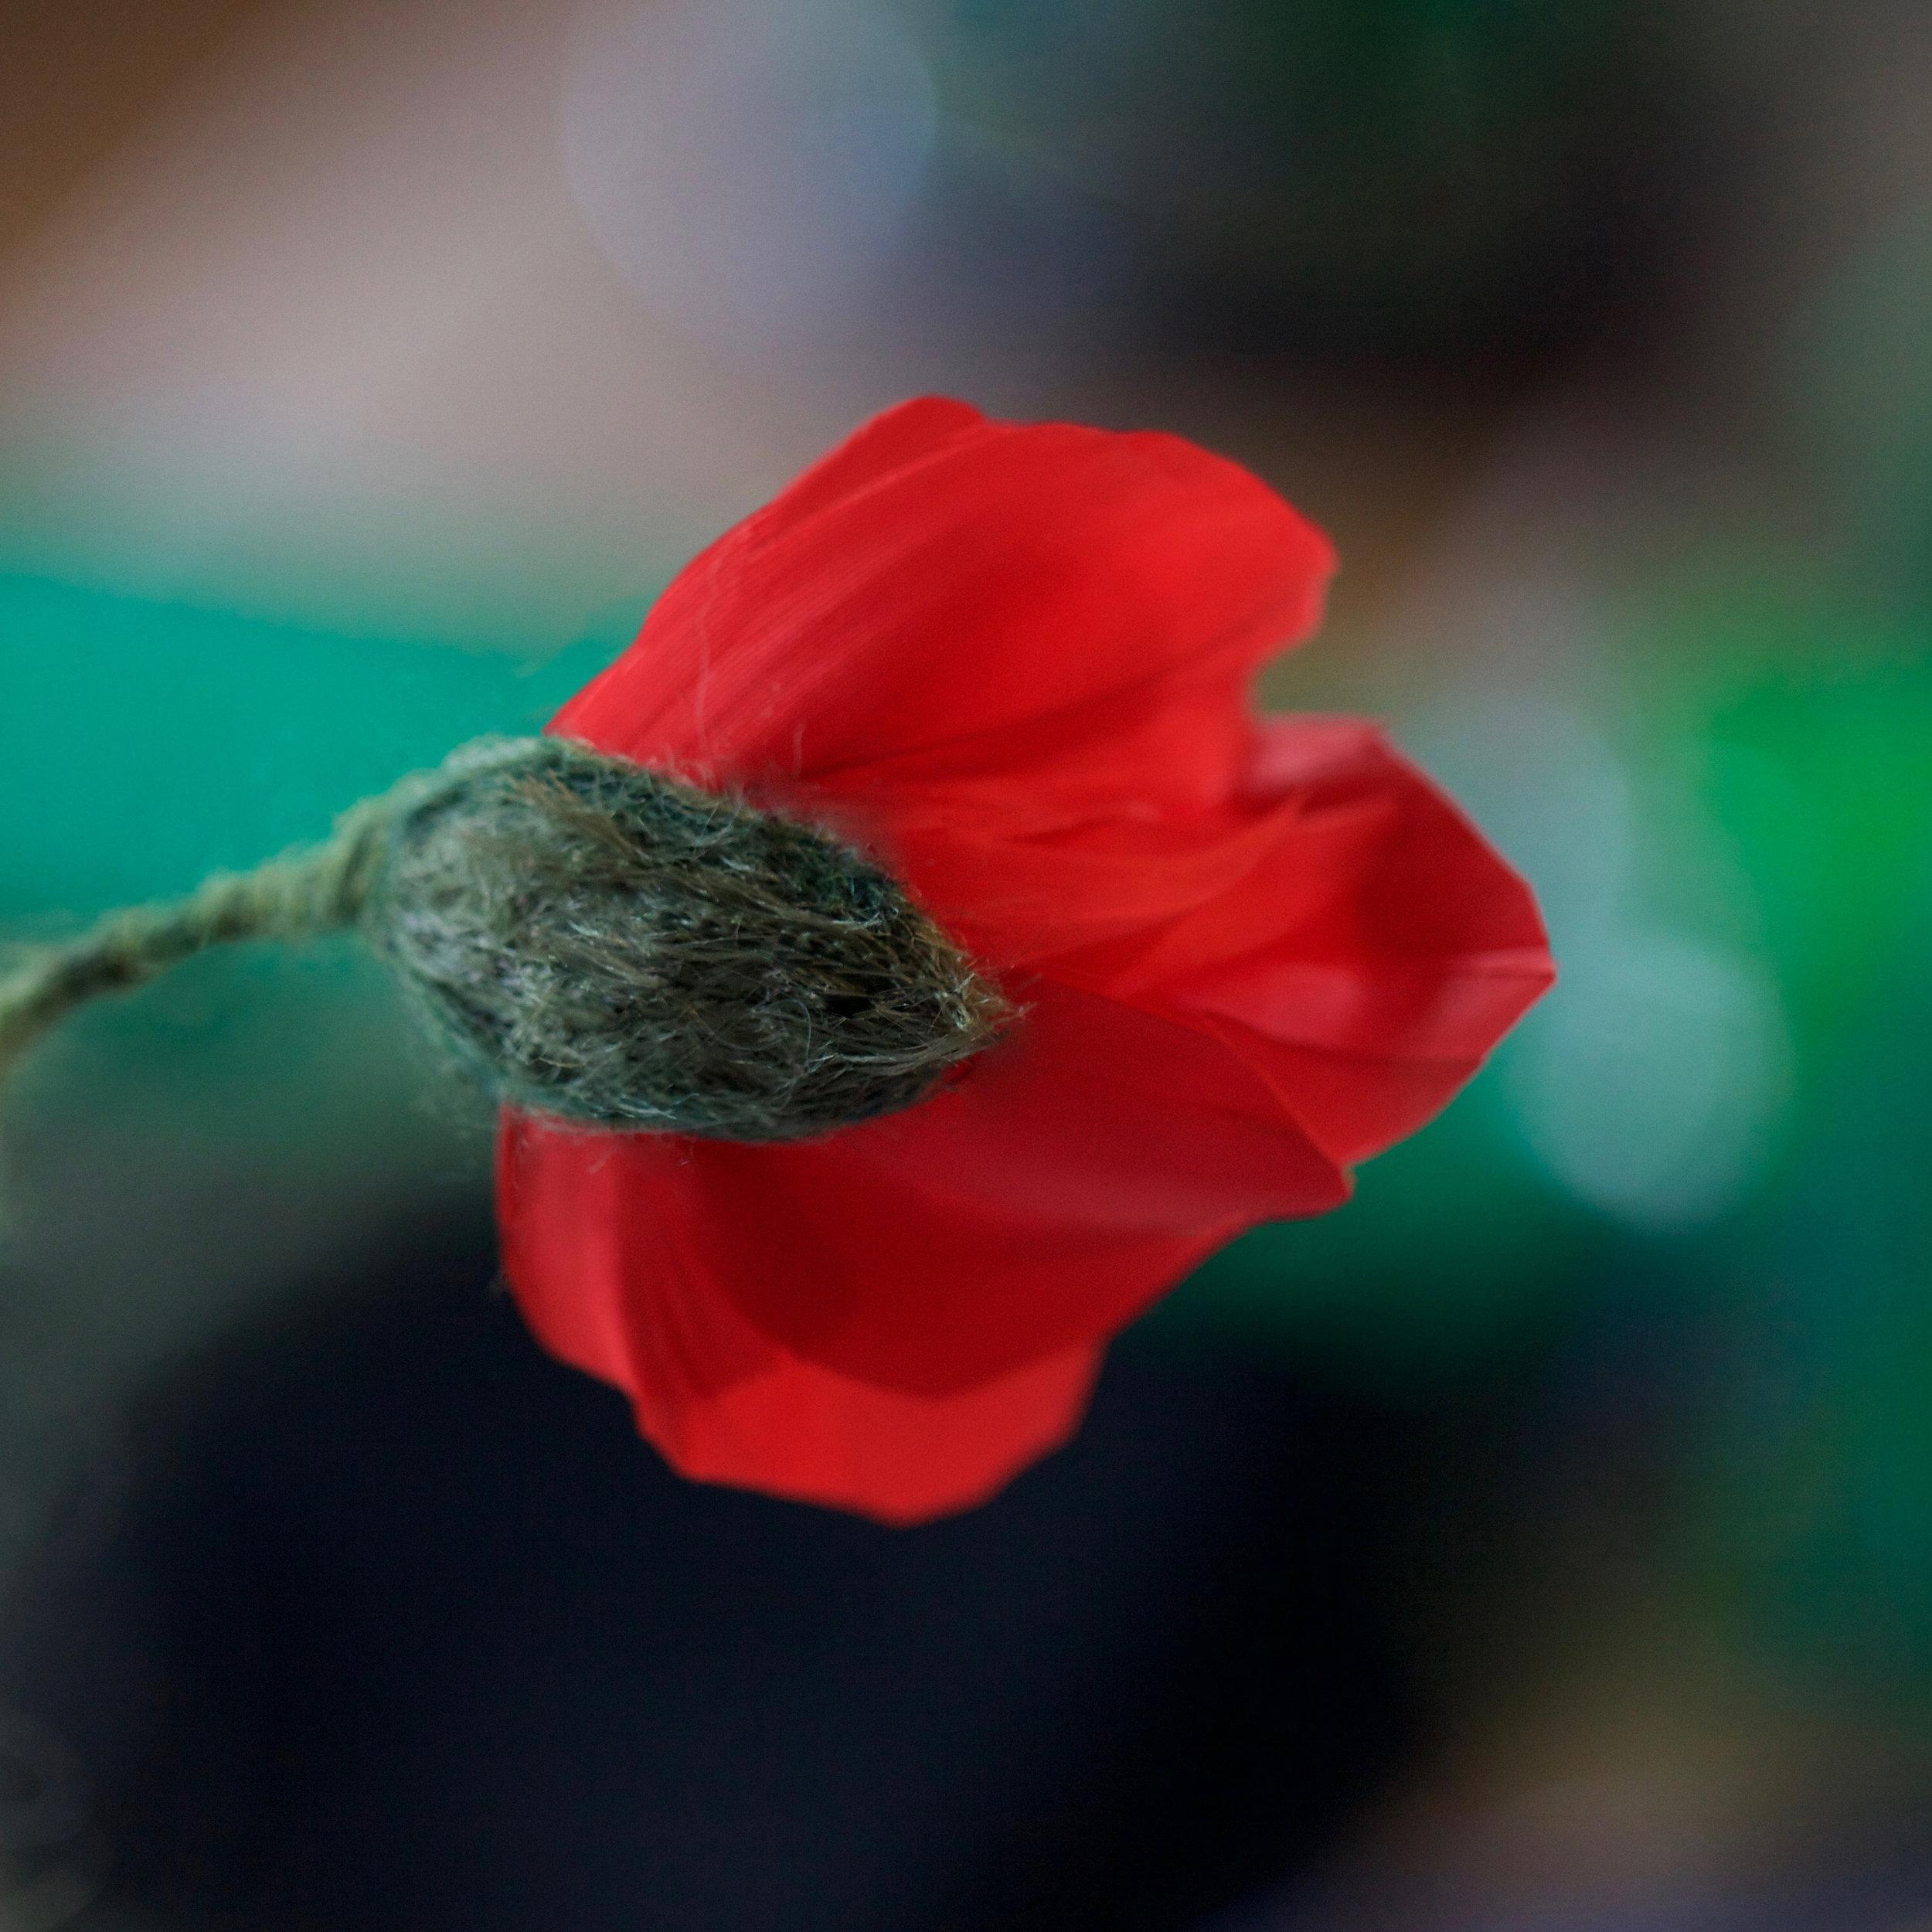 Poppy naissance.jpg